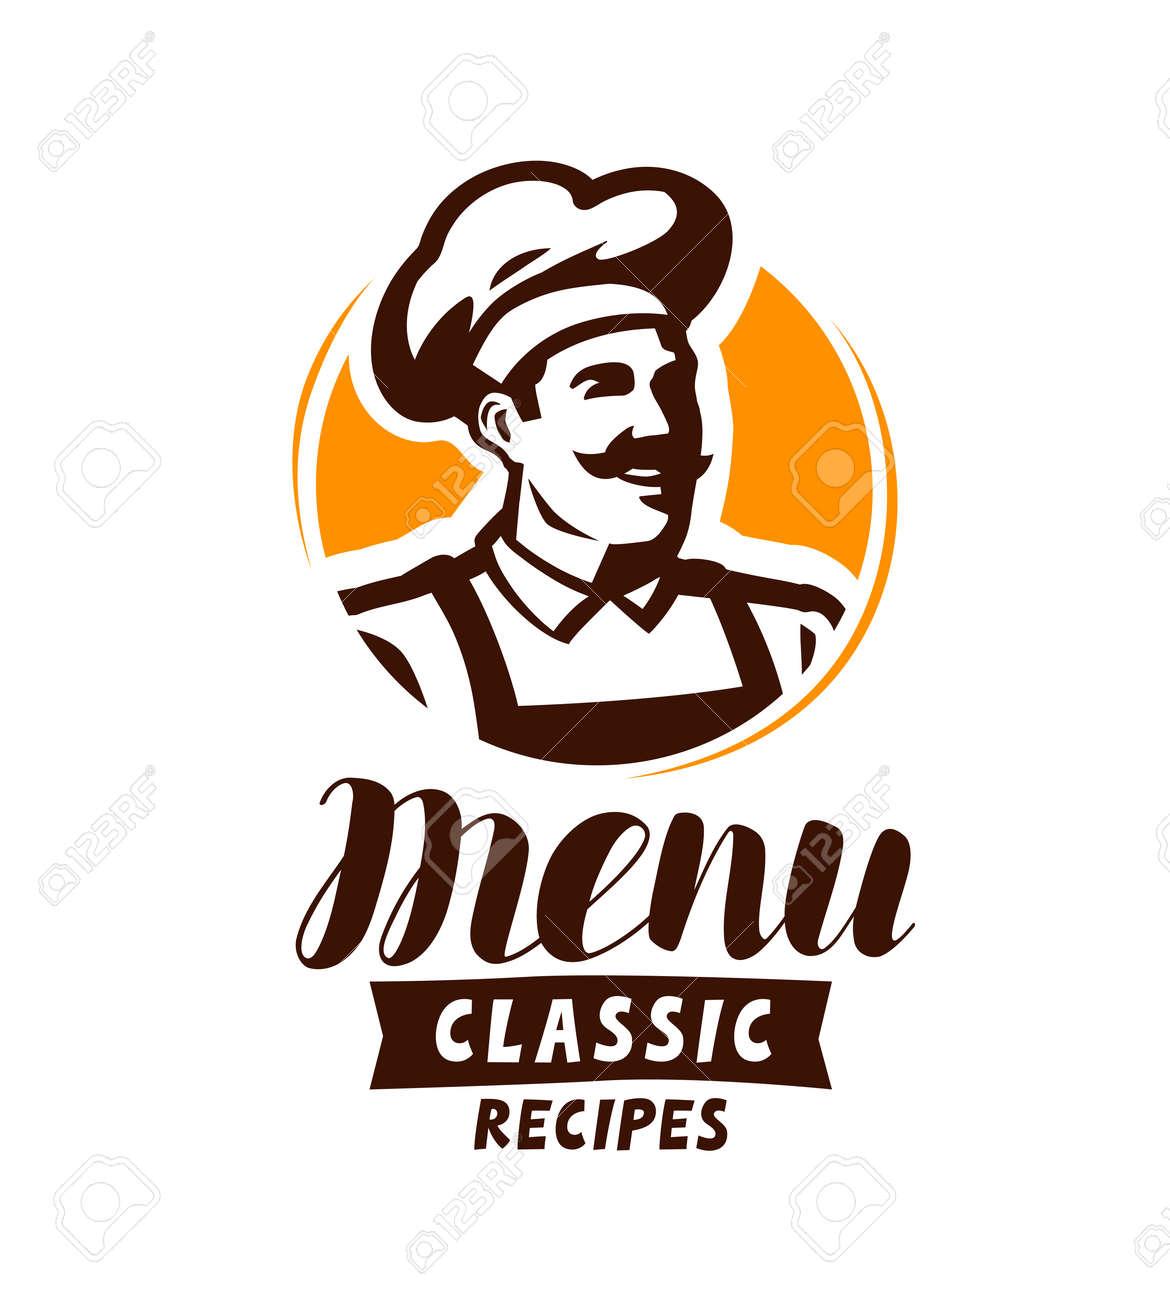 restaurant menu logo or label. food concept. vector illustration